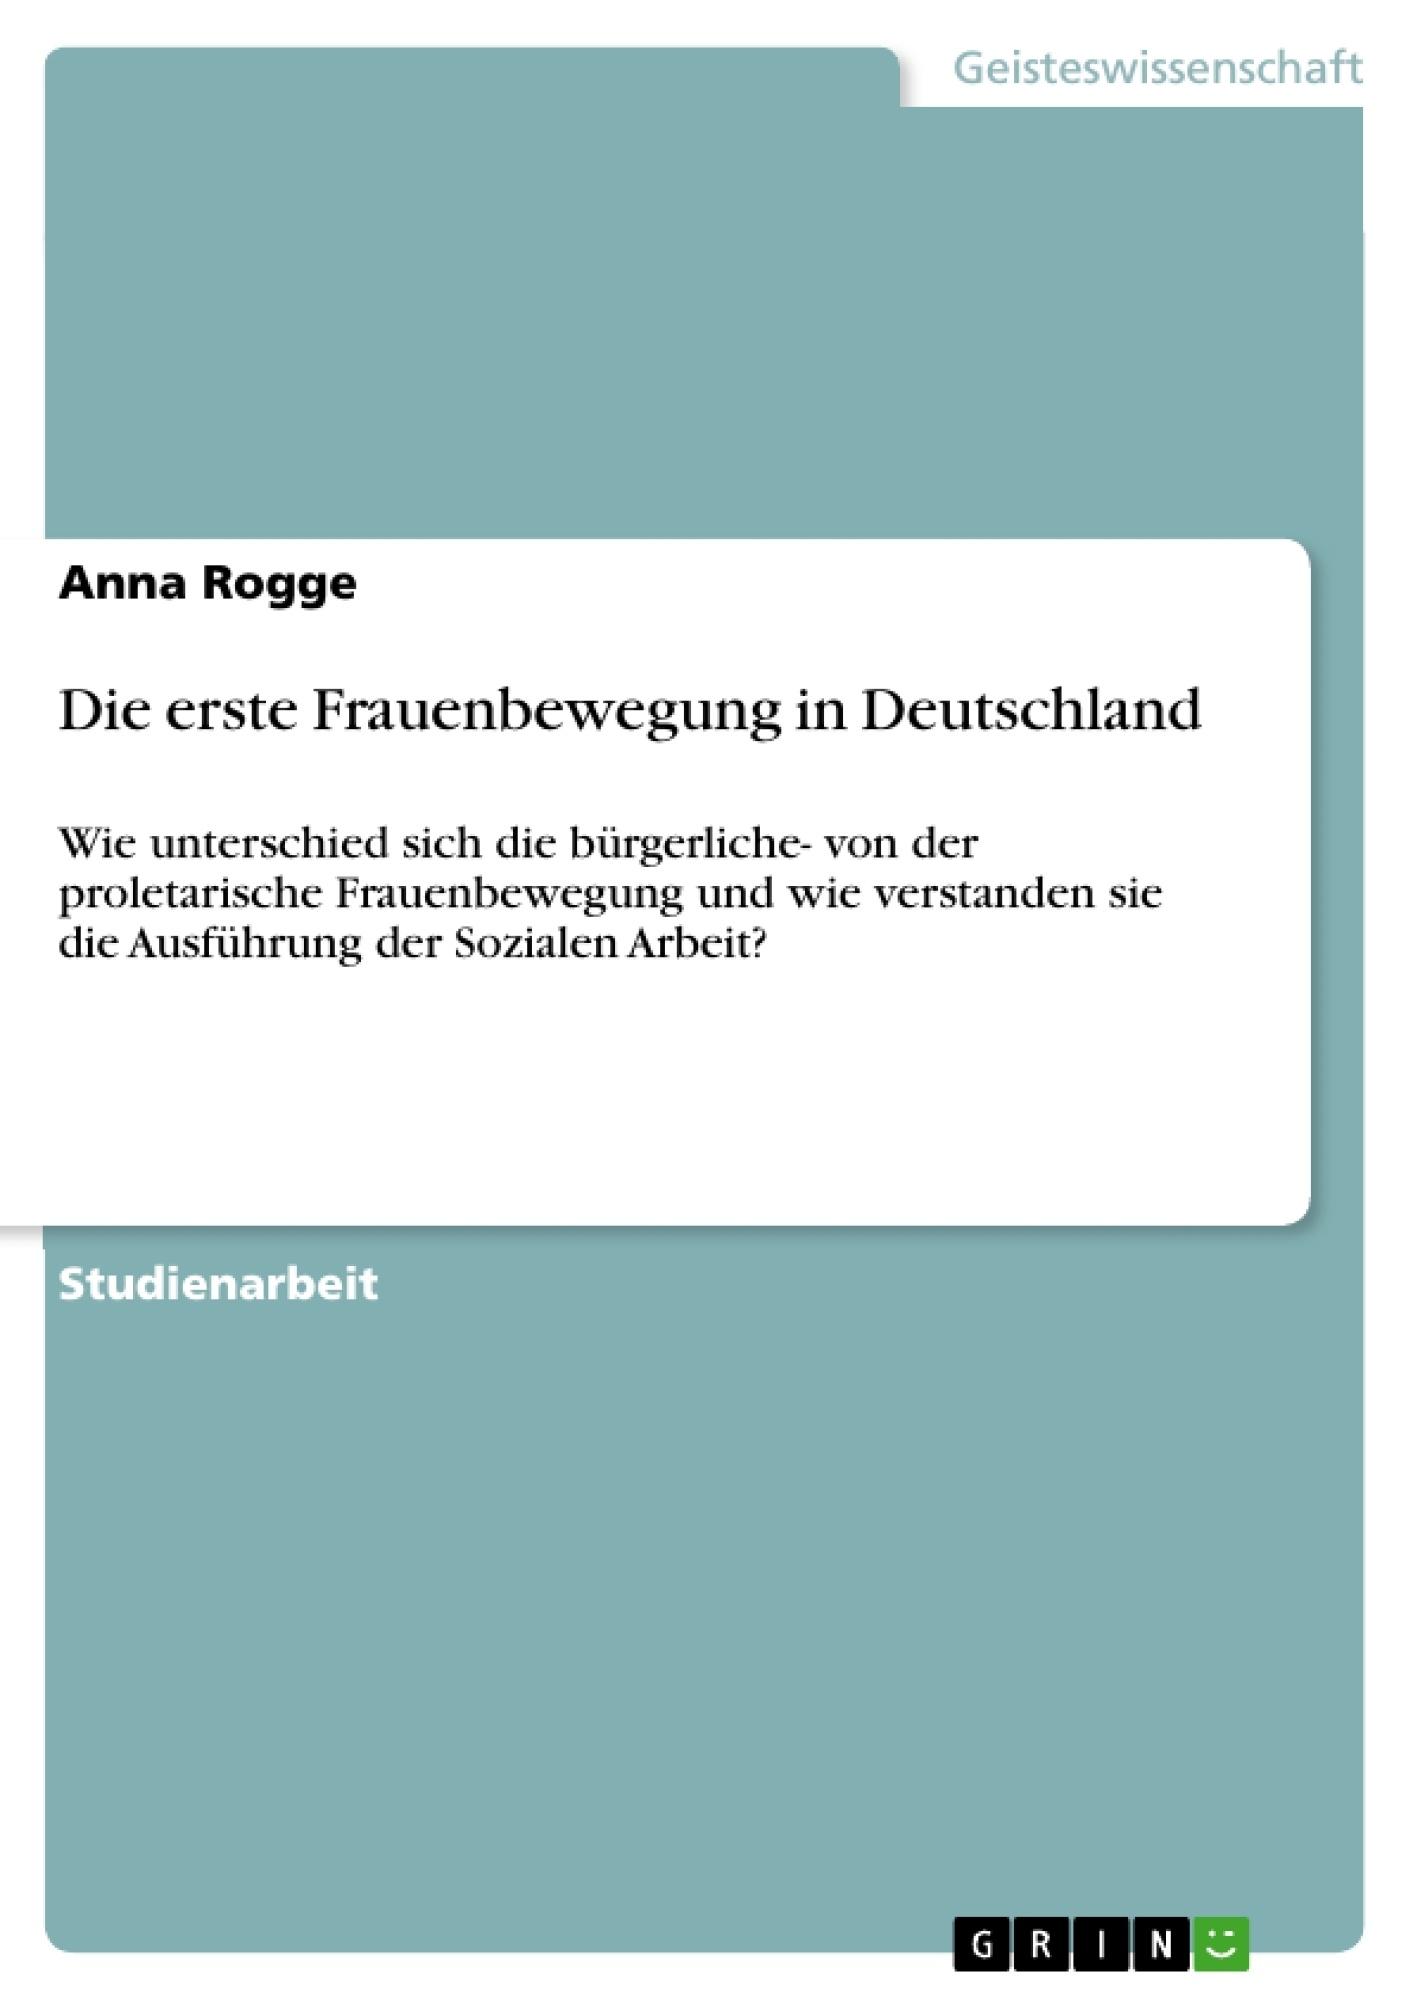 Titel: Die erste Frauenbewegung in Deutschland